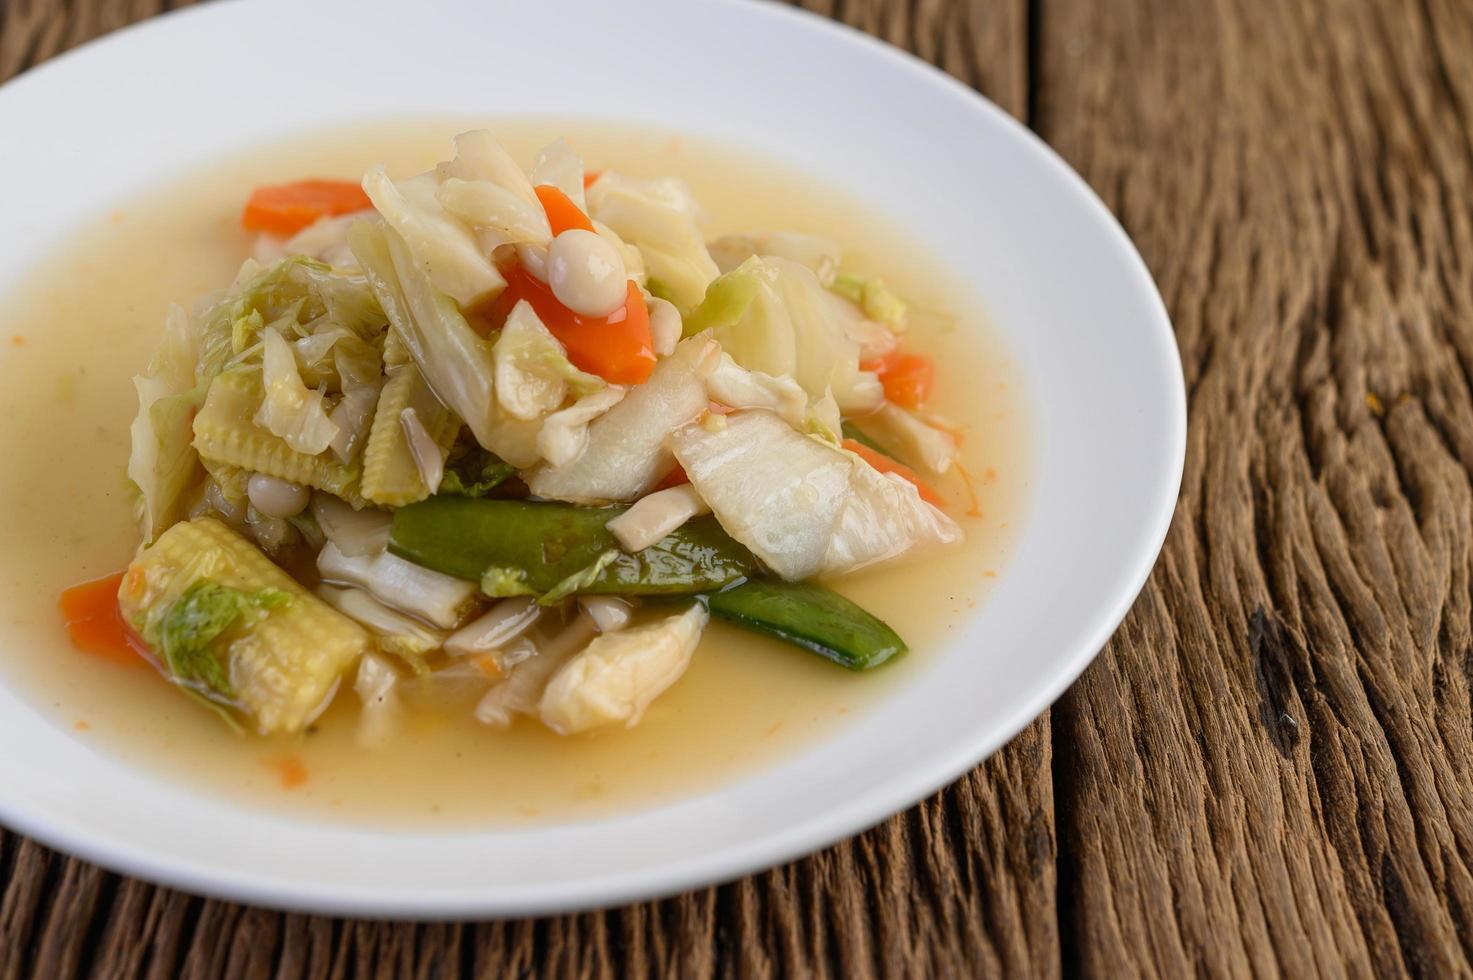 soffriggere le verdure miste su un piatto bianco foto